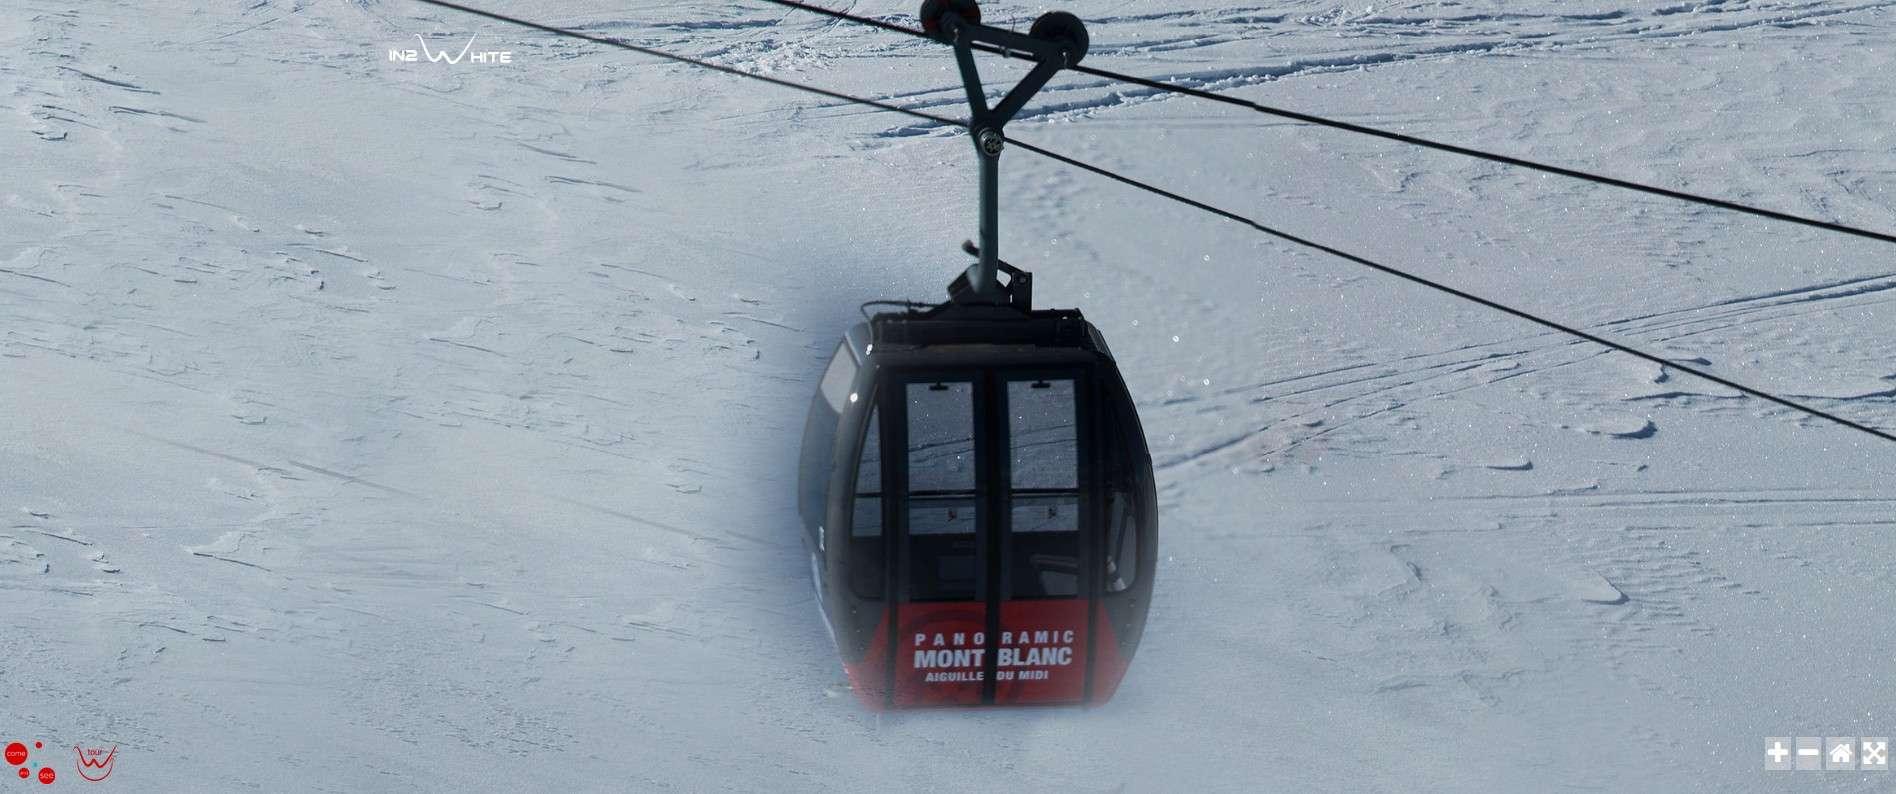 Gigapixels : le Massif du Mont Blanc en 70 000 photos Sans_279